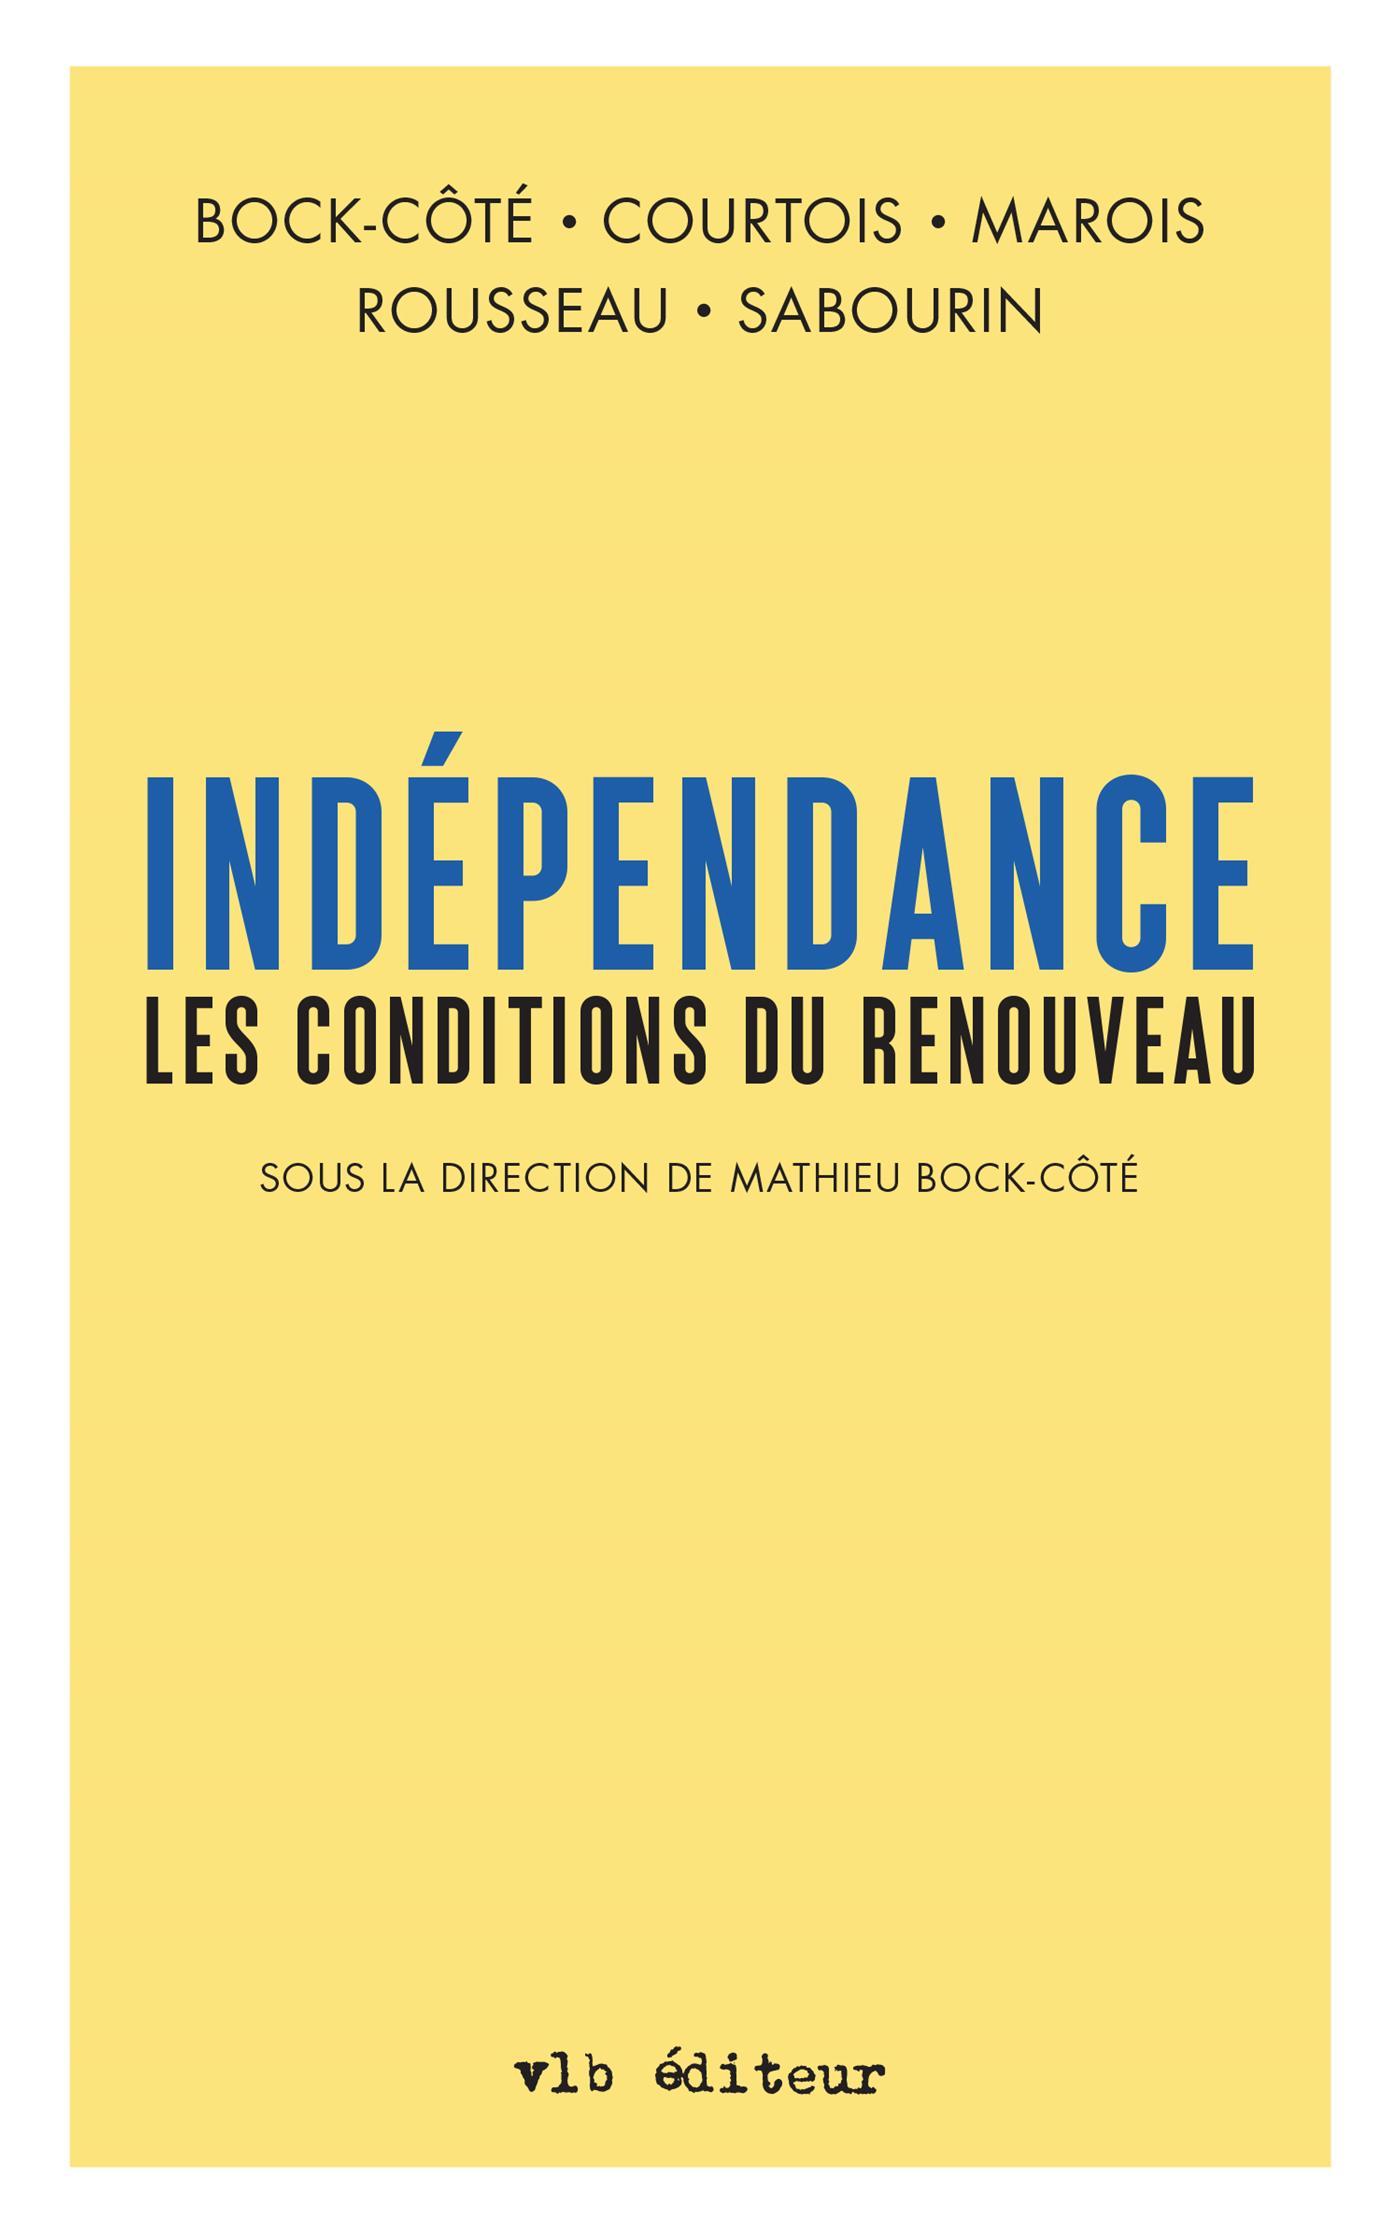 Indépendance. Les conditions du renouveau (Sous la direction de Mathieu Bock-Côté)